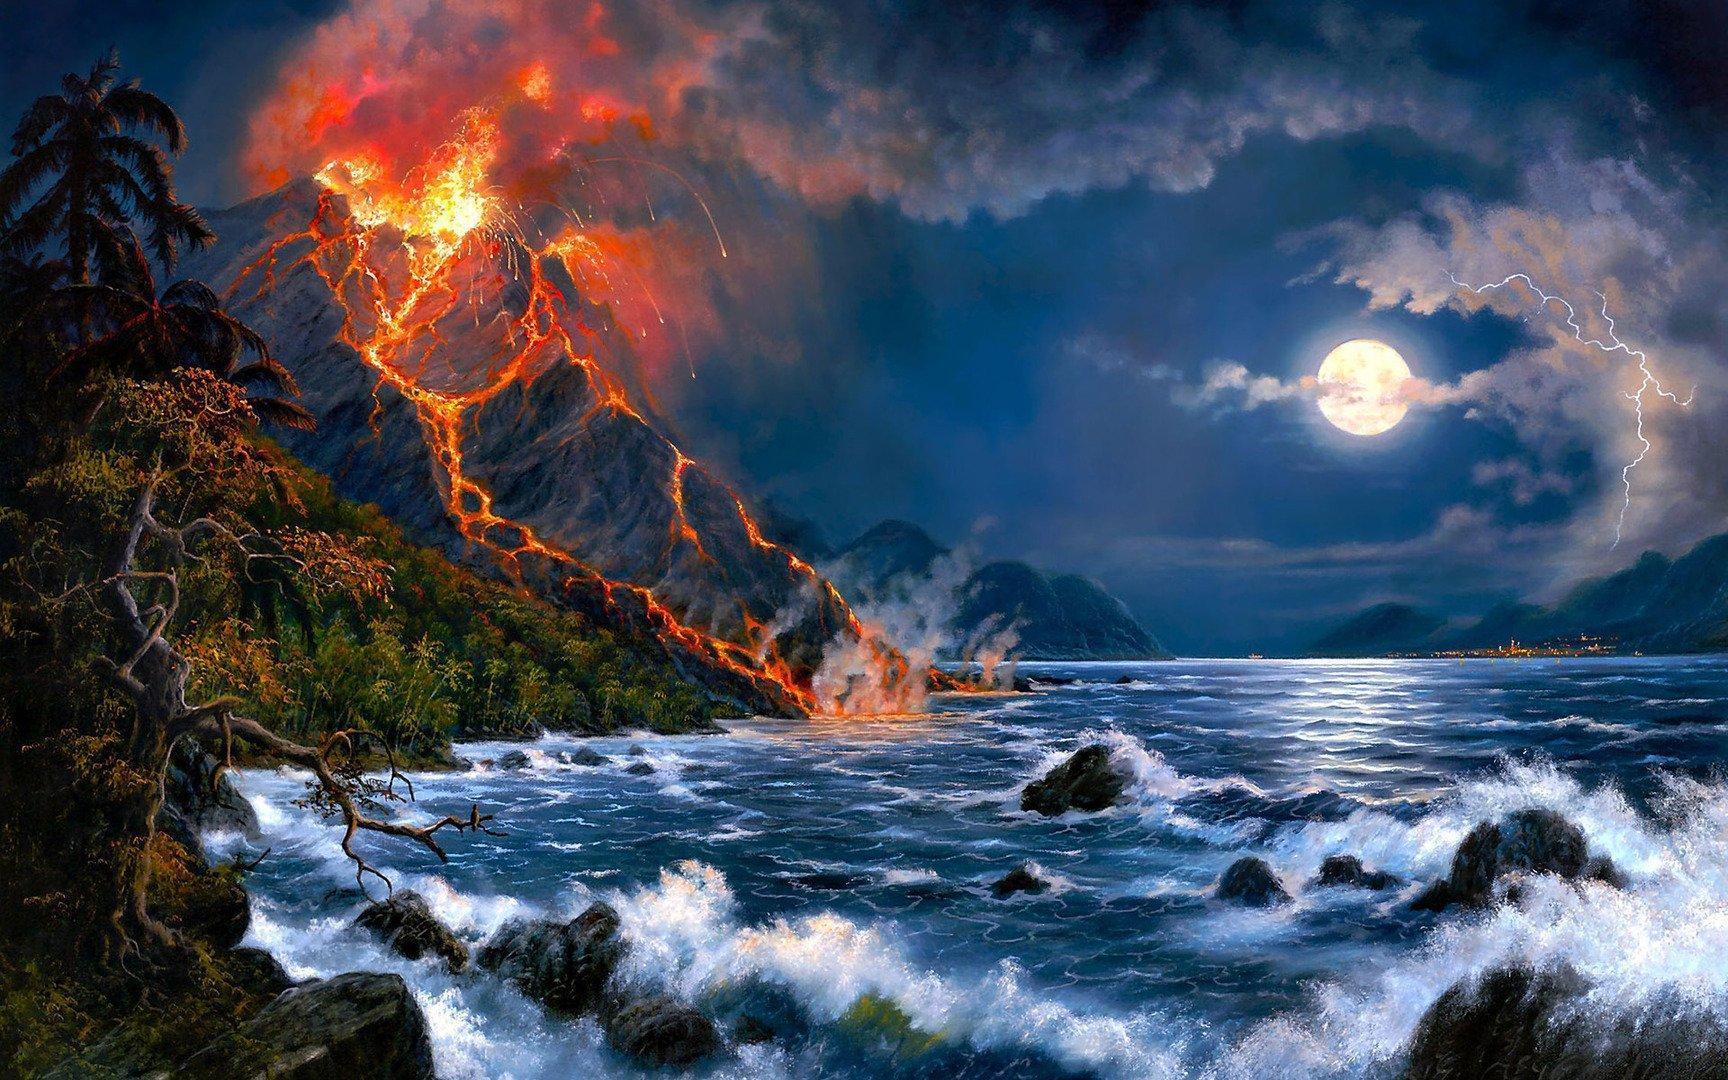 Volcano eruption wallpaper 23366 1728x1080